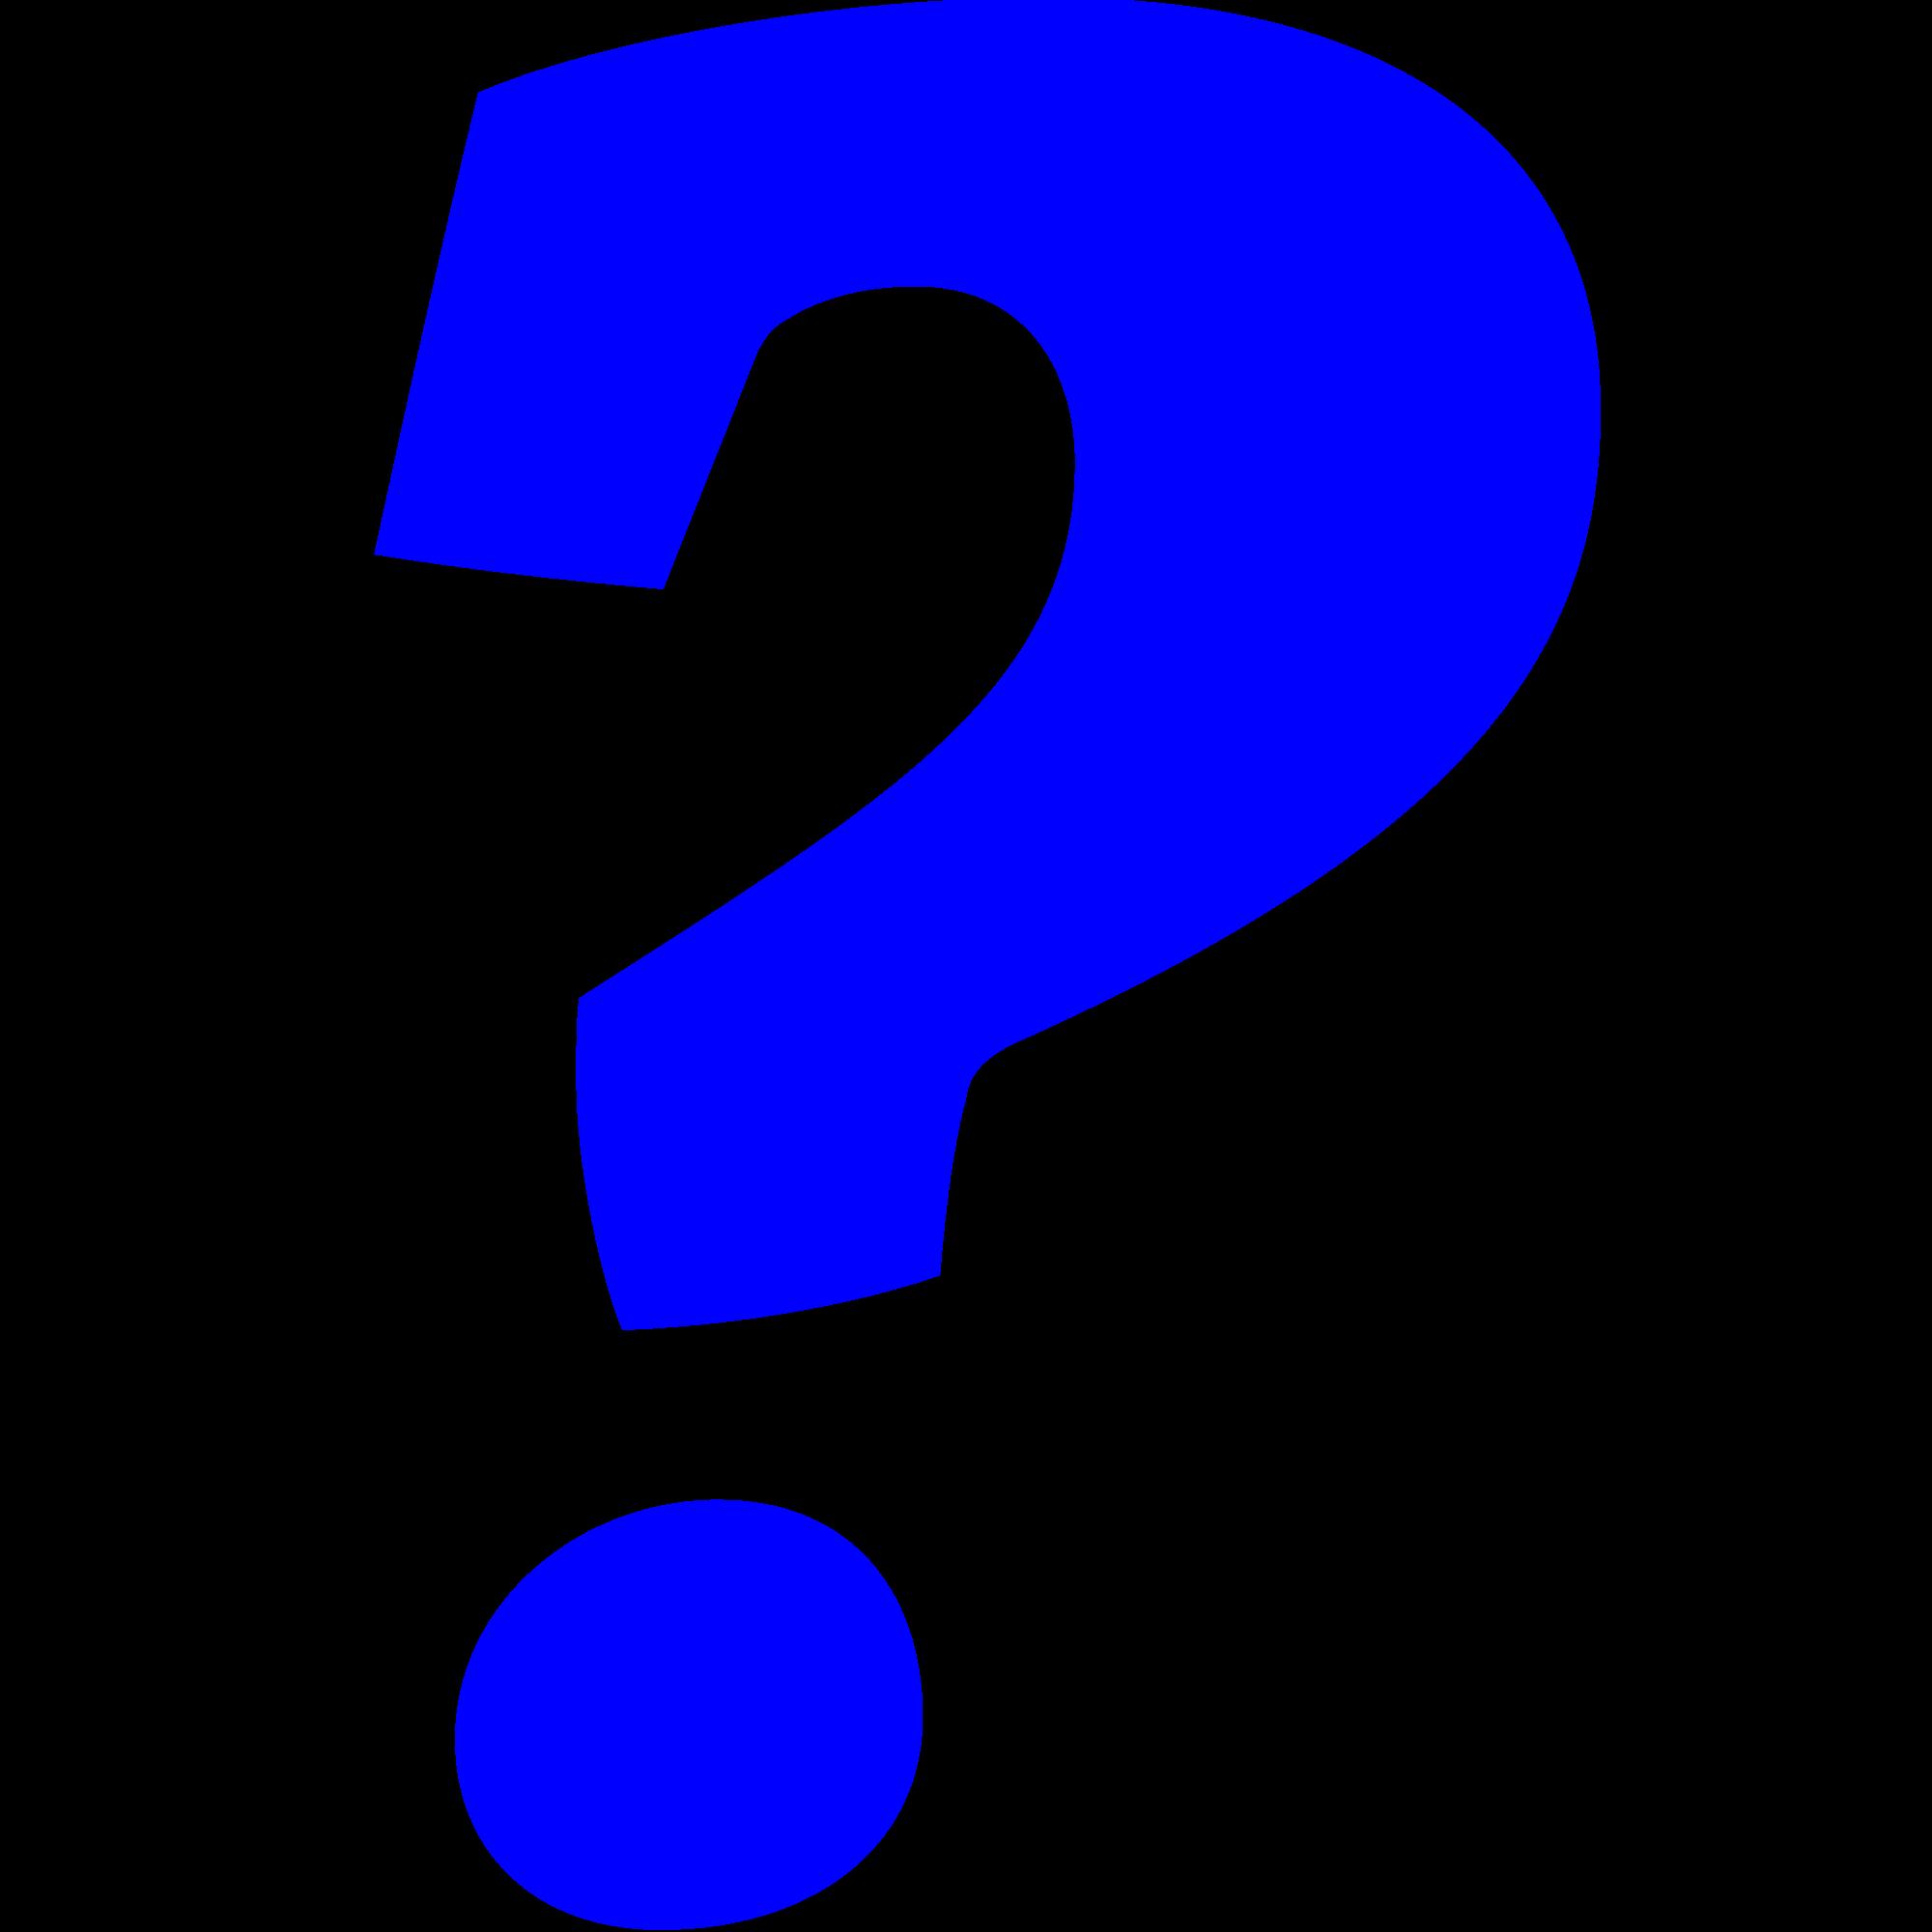 vector free Mark clipart blue question mark. File italic svg wikimedia.